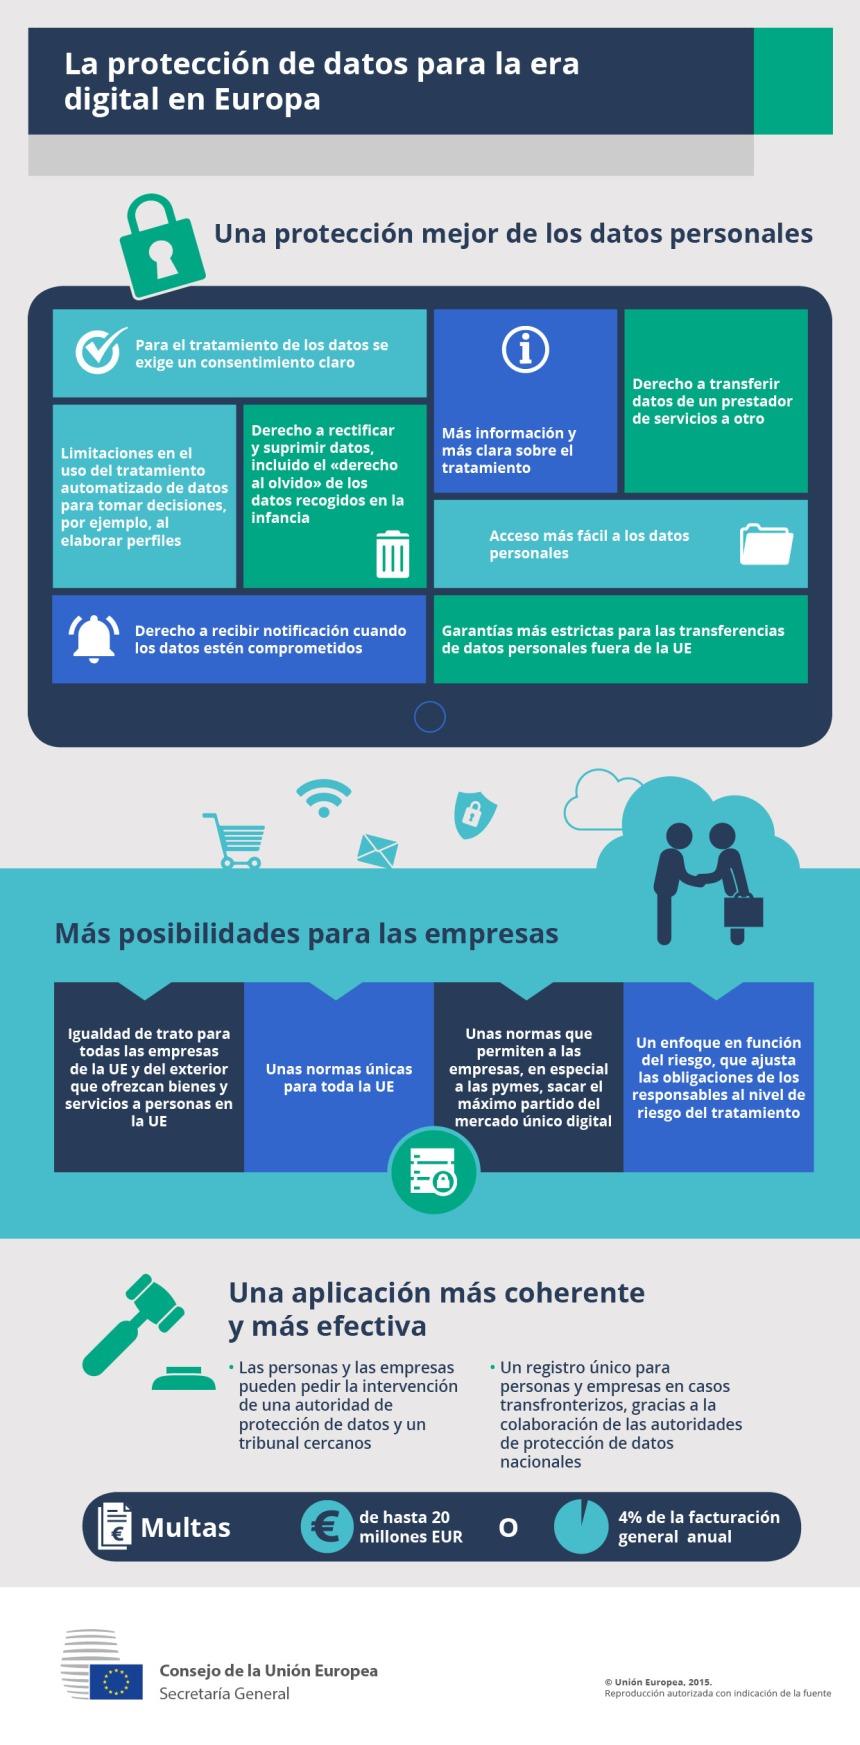 La protección de datos en la Unión Europea